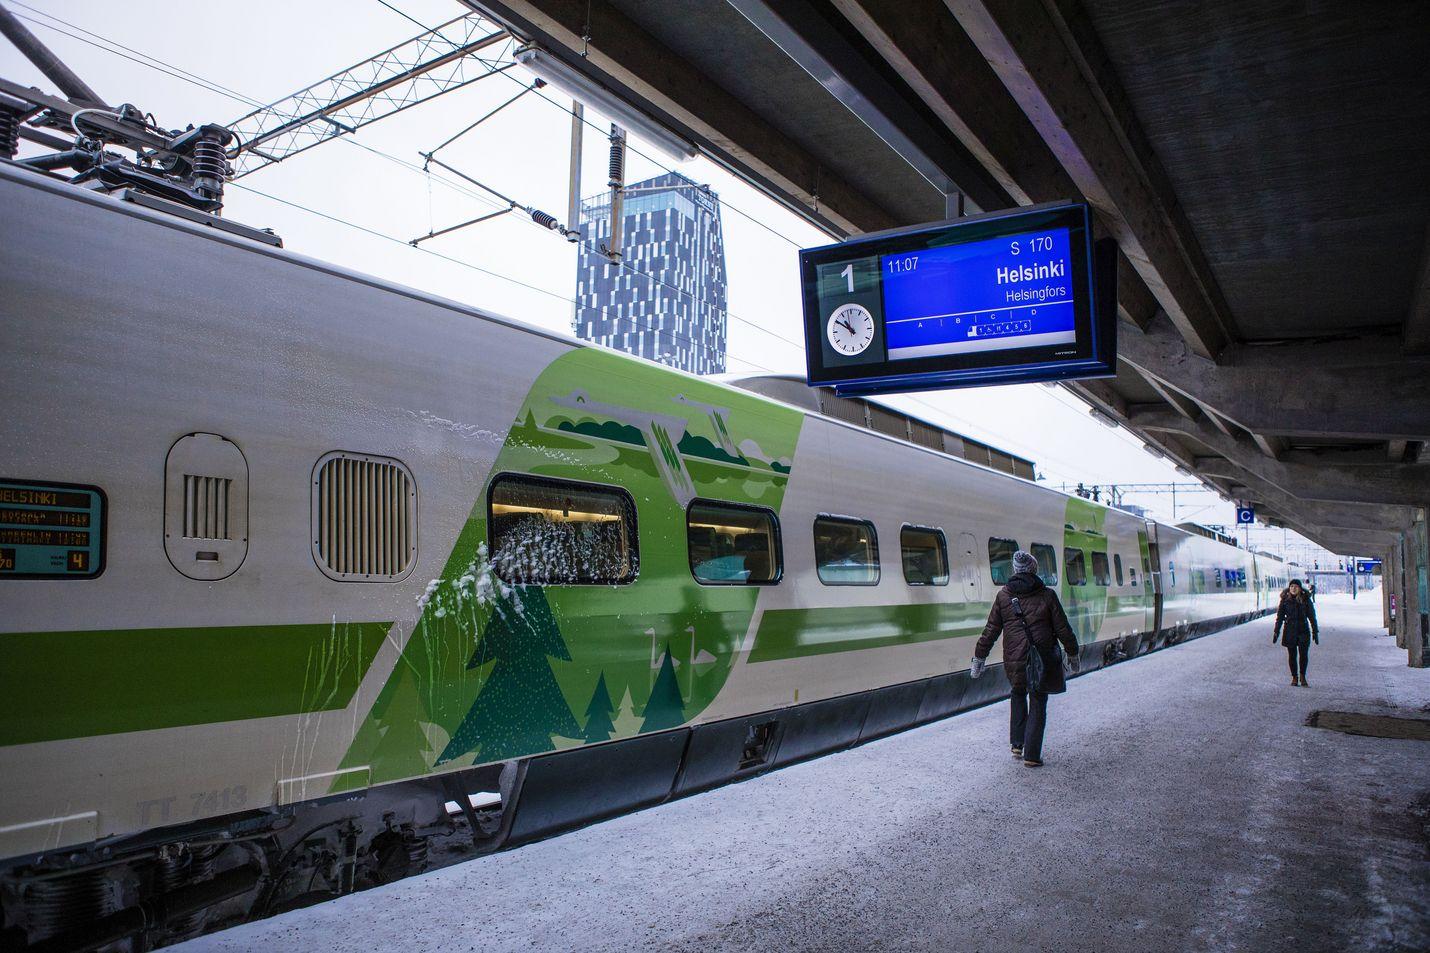 Kun Suomi-rata joskus valmistuu, Tampereelta pääsee junalla Helsinkiin noin 60 minuutissa. Sama pätee Turun ja Helsingin väliin.